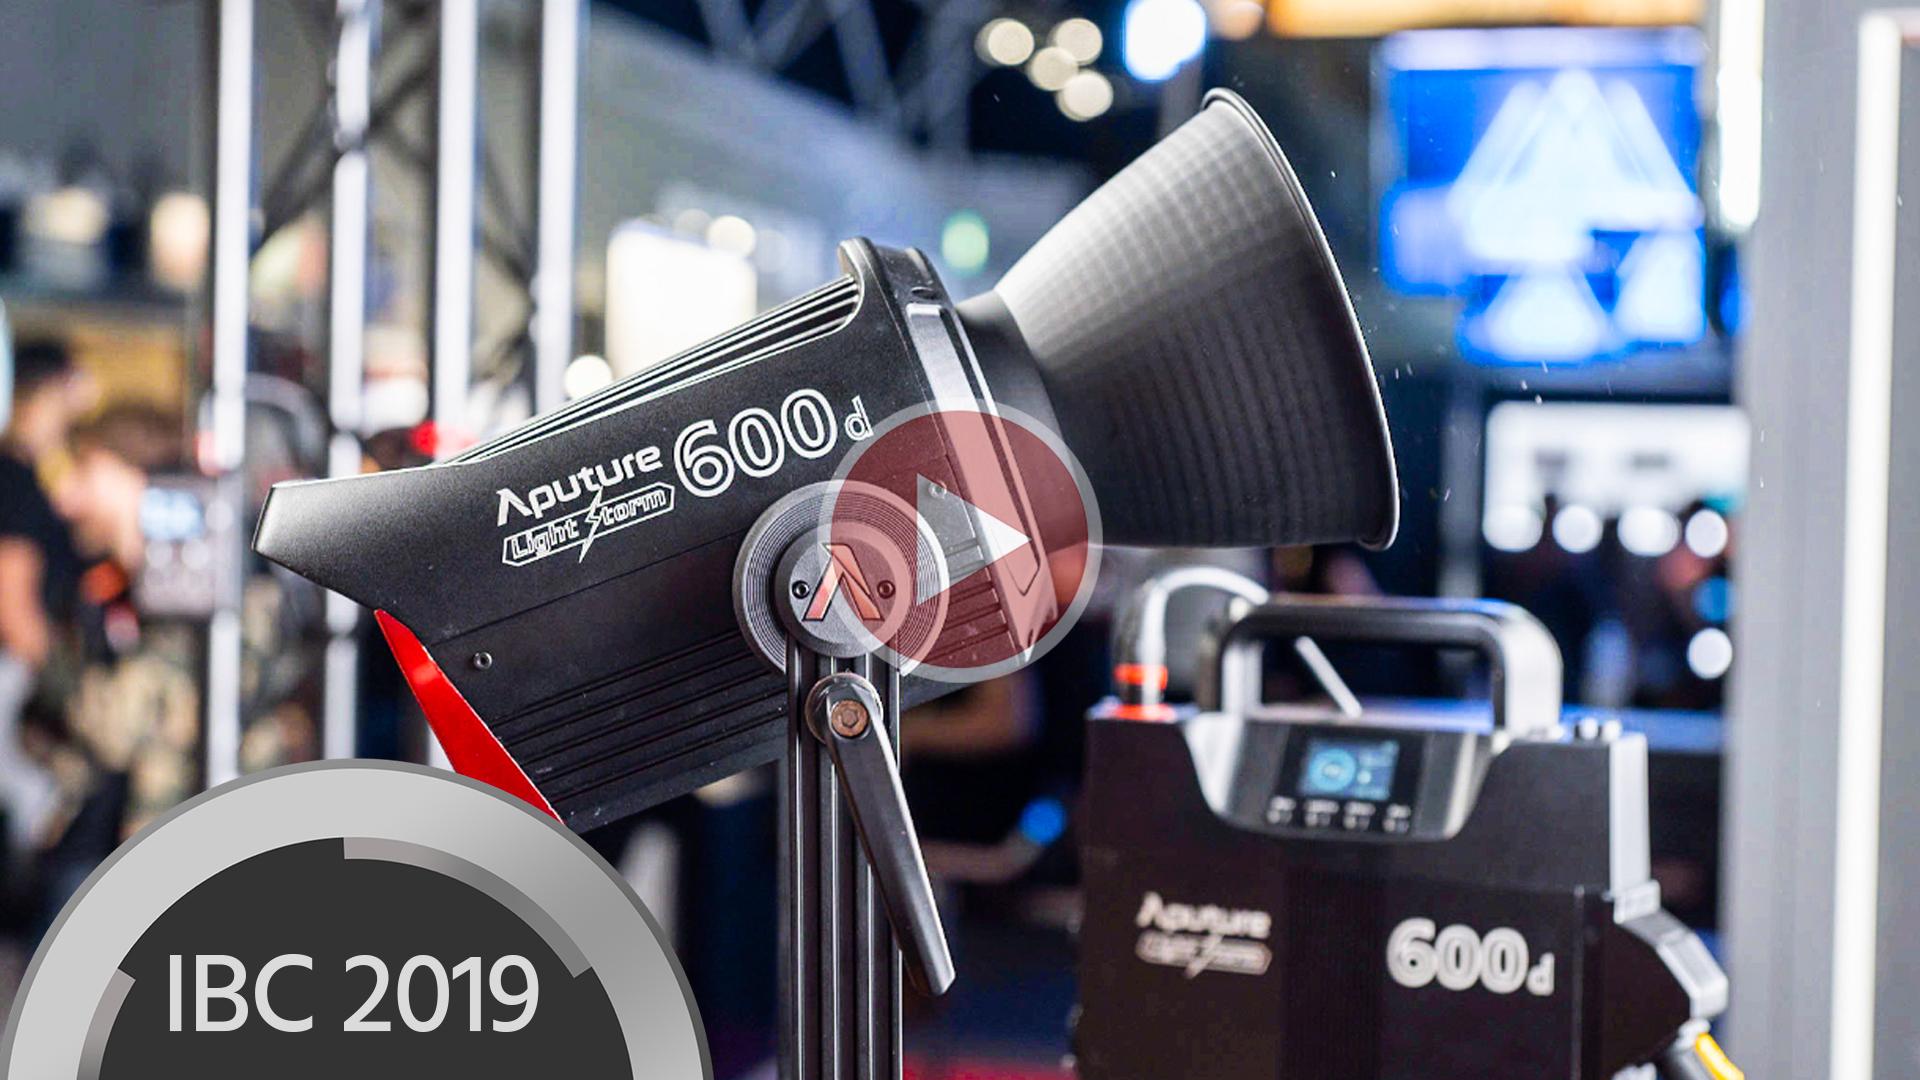 Aputure LS 600d - presentan su LED de luz día más luminosa